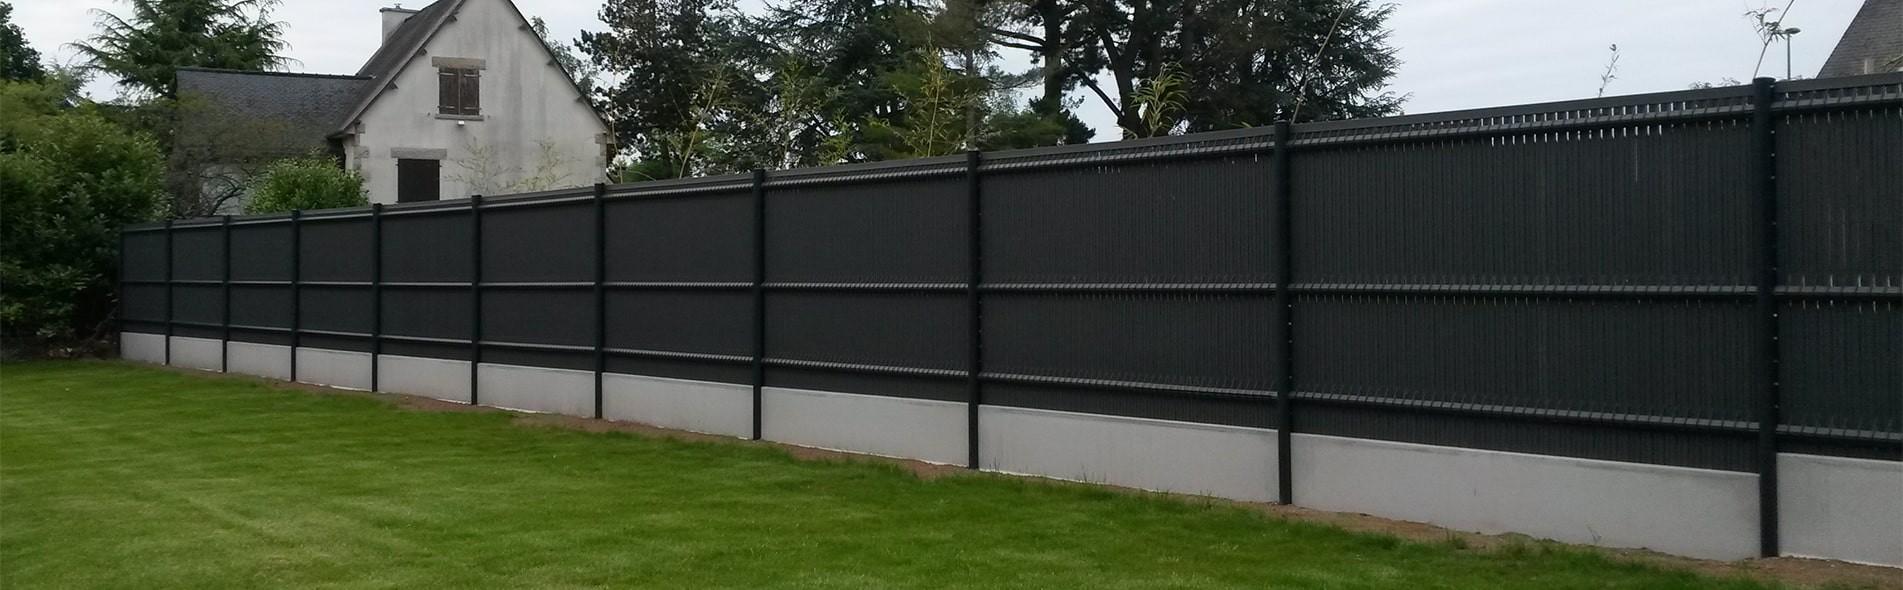 Vente De Clôtures Rigides (Pvc, Alu) Grillages & Portails concernant Panneau De Jardin Occultant